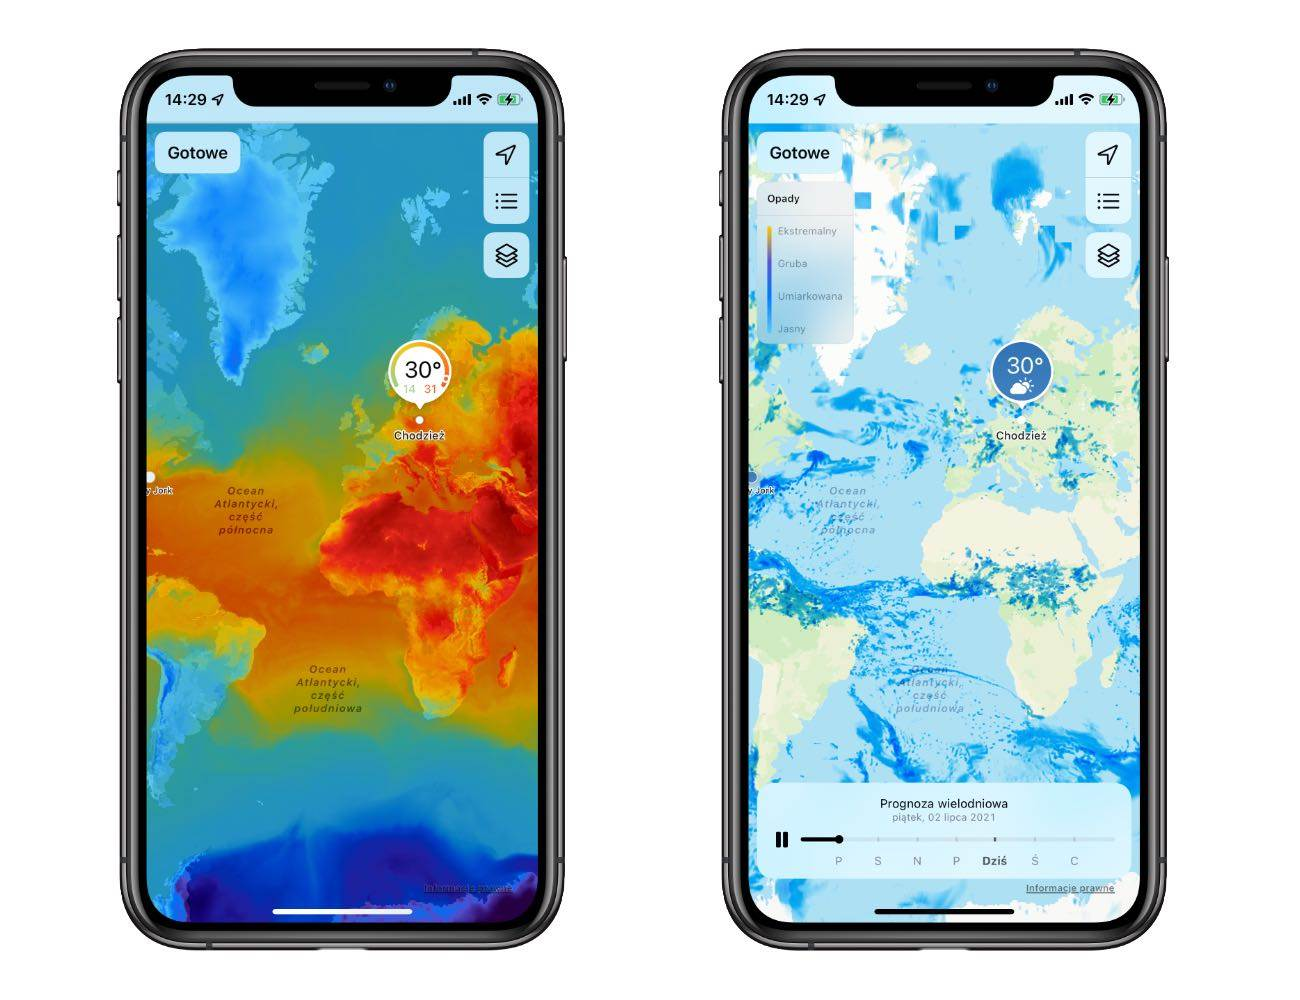 Jak zmieniła się systemowa aplikacja Pogoda w iOS 15 polecane, ciekawostki pogoda, iPadOS 15, iOS 15, aplikacja Pgoda  Na otwarciu WWDC więcej uwagi poświęcono aplikacji Pogoda niż np. tvOS. Jedna z systemowych aplikacji iOS przez całą minutę była w centrum uwagi wielomilionowej publiczności. iOS15 pogoda 4